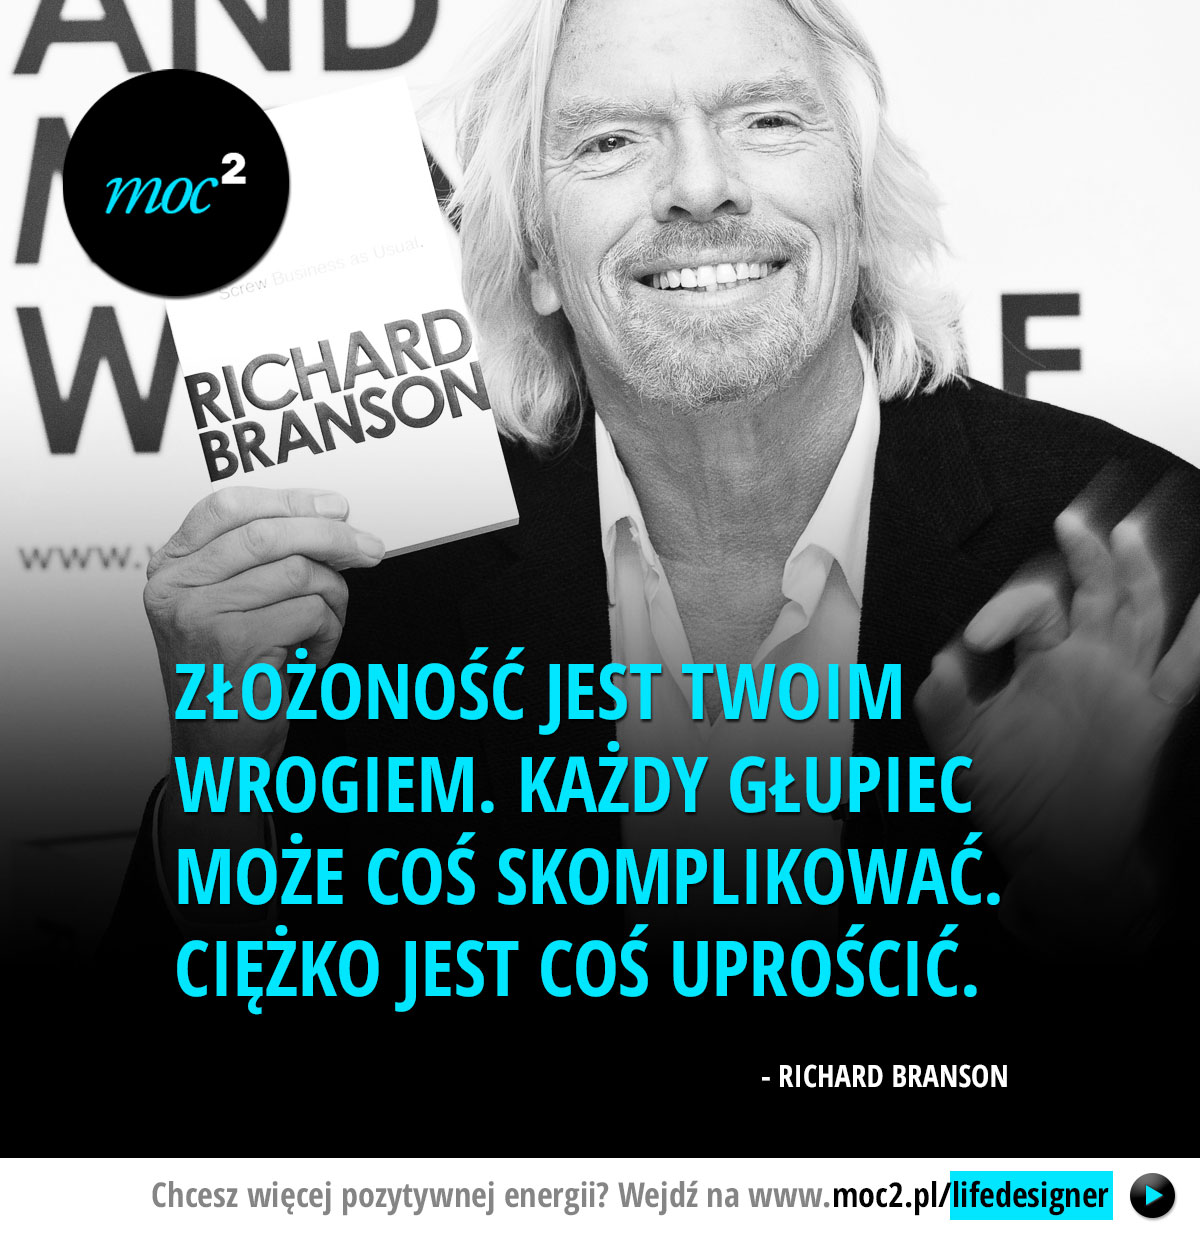 Złożoność jest Twoim wrogiem. Każdy głupiec może coś skomplikować. Ciężko jest coś uprościć. - Richard Branson